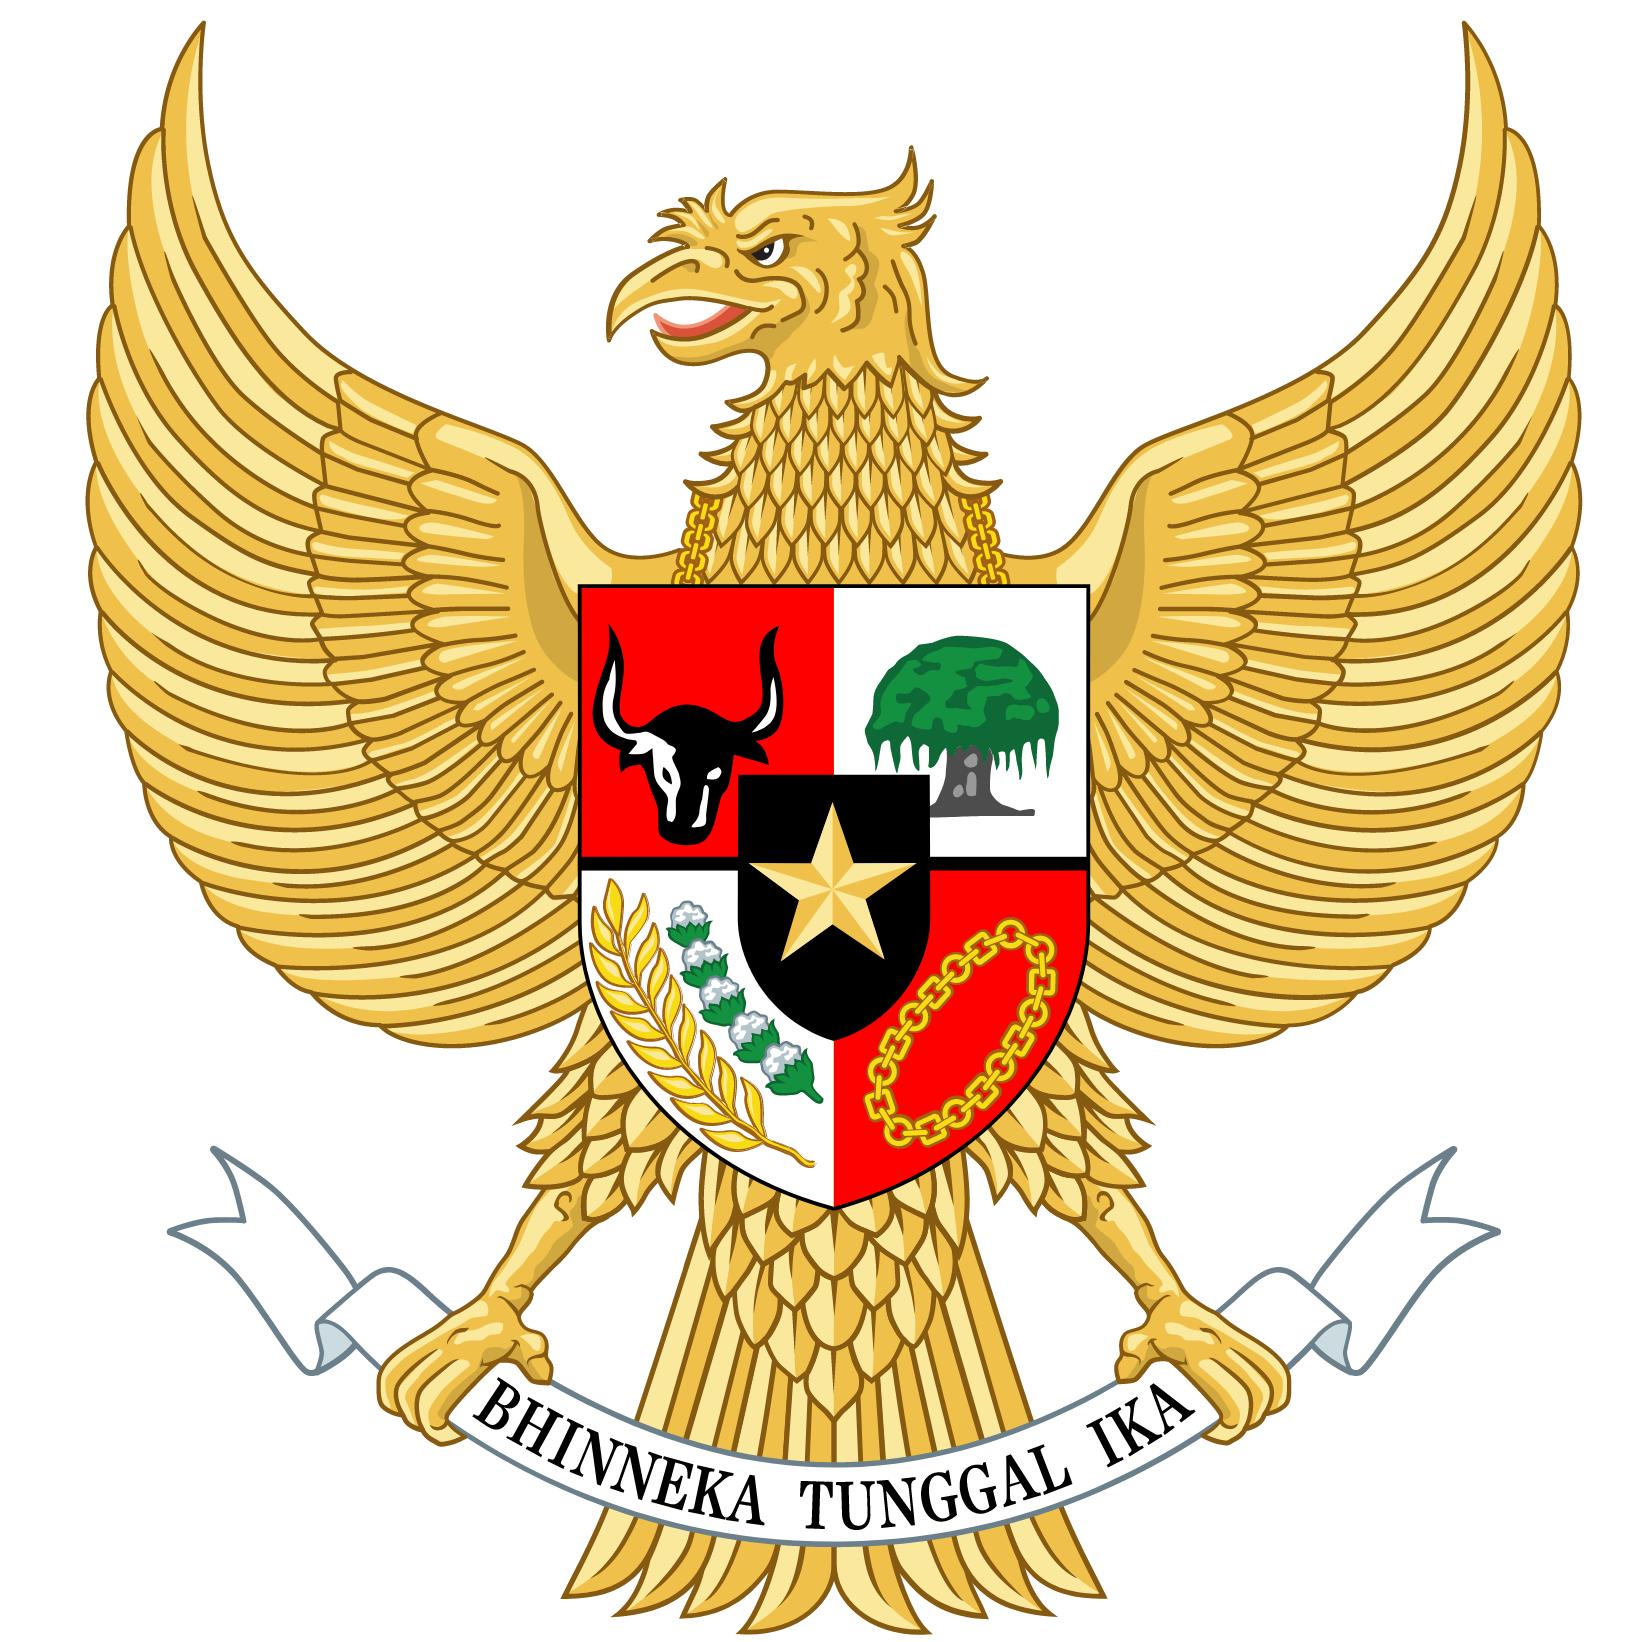 Indonesia - Peraturan Pemerintah No.82 Tahun 2012 - Government